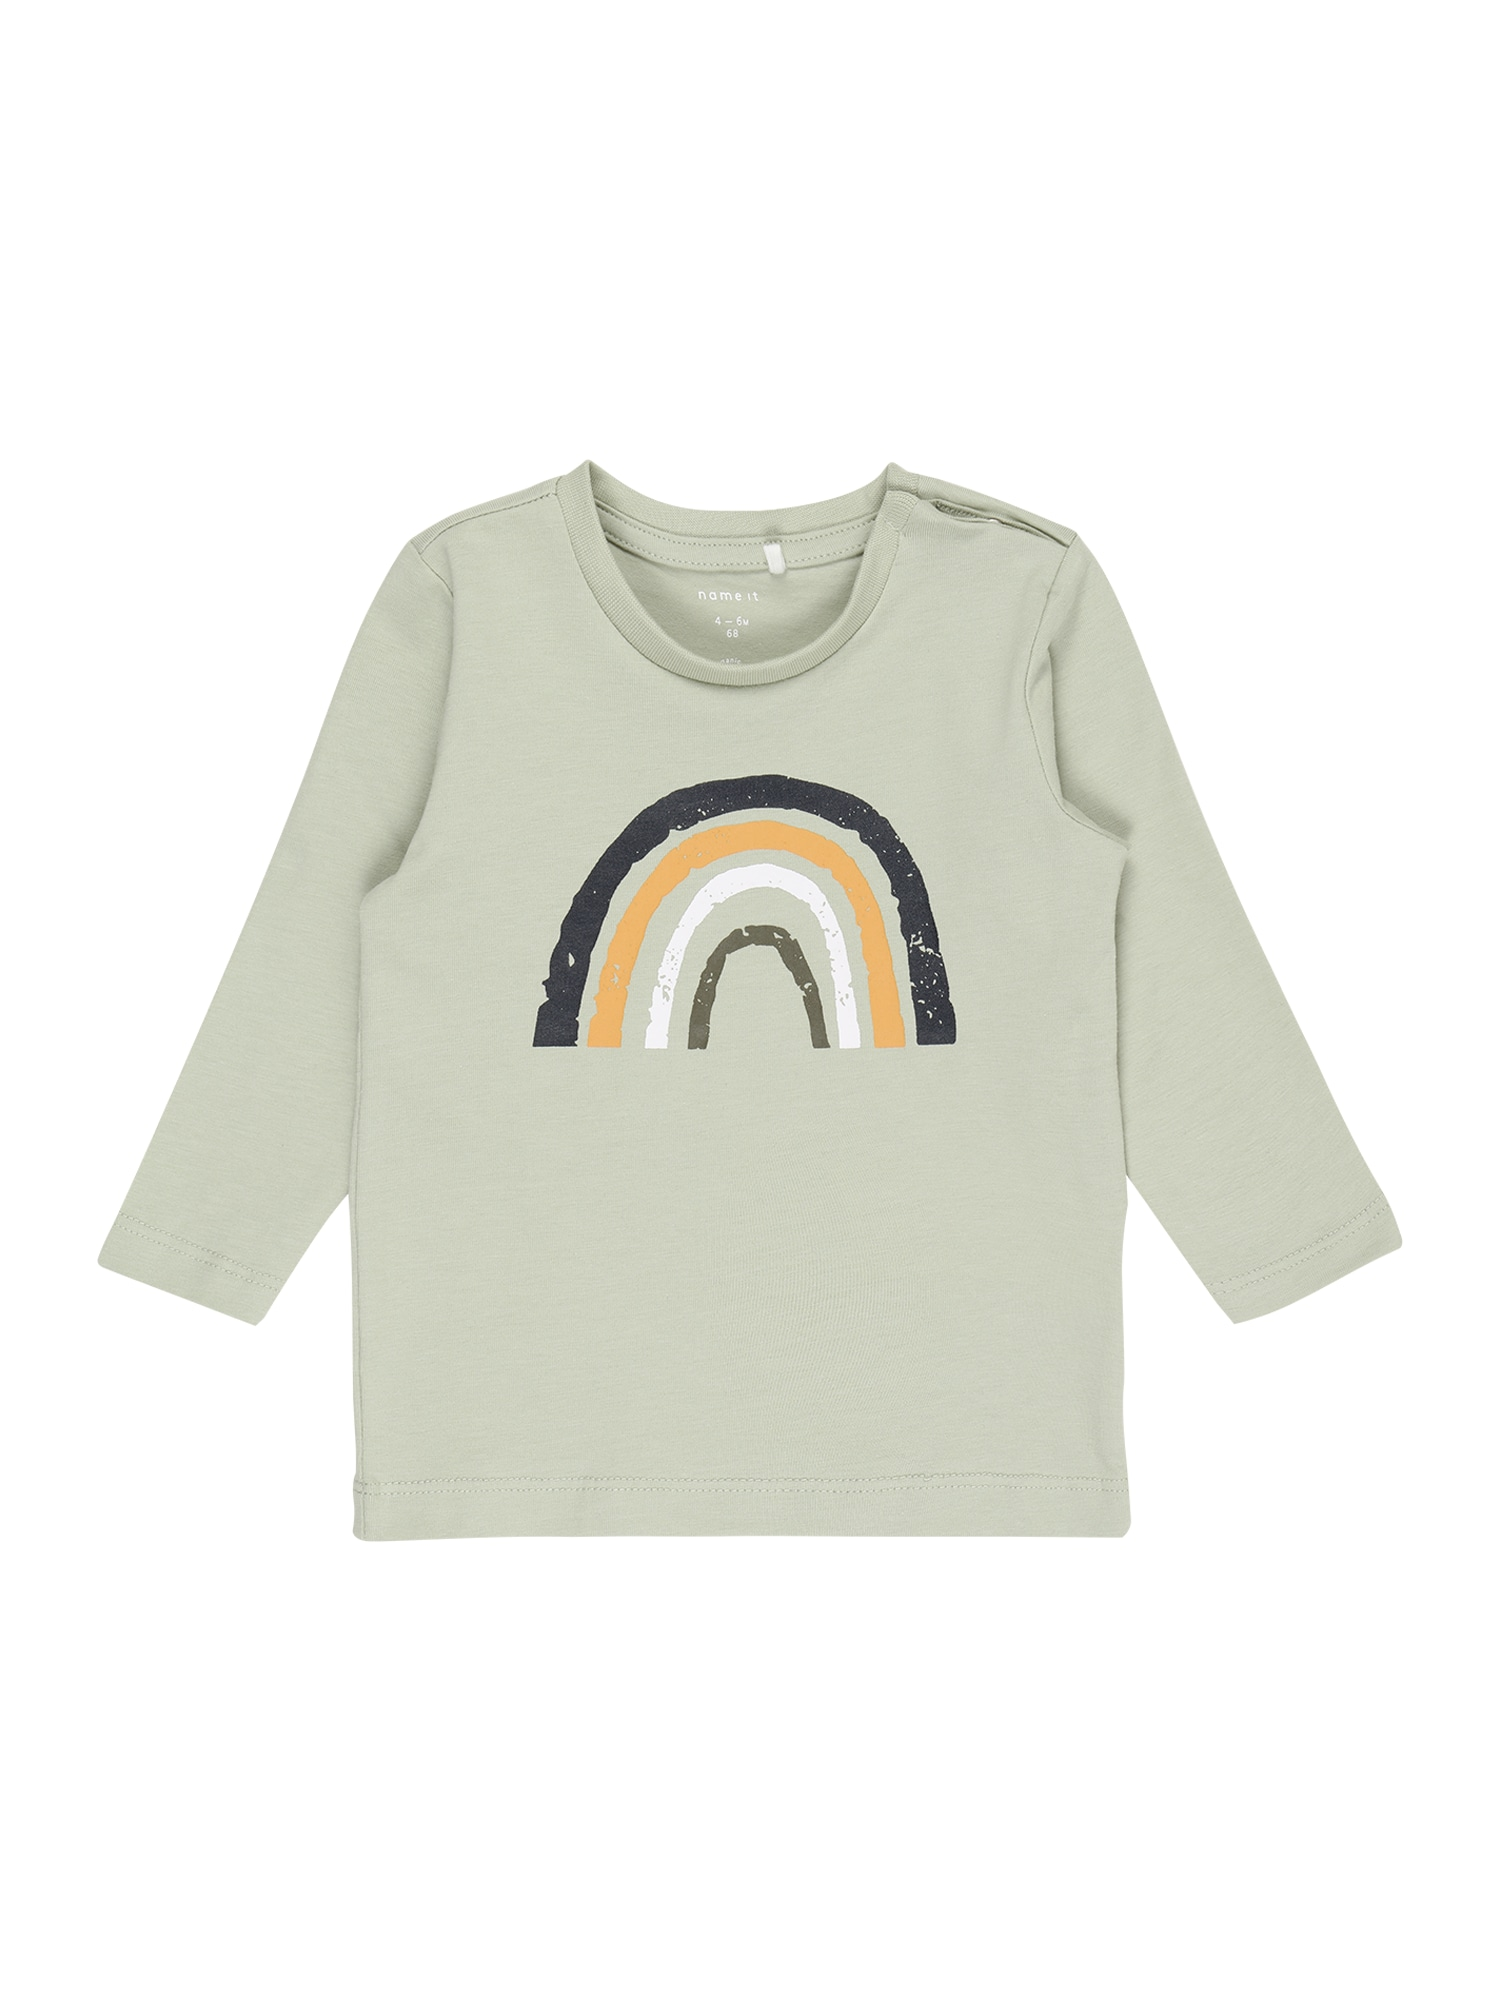 NAME IT Marškinėliai 'DAFORM' mėtų spalva / tamsiai mėlyna / balta / geltona